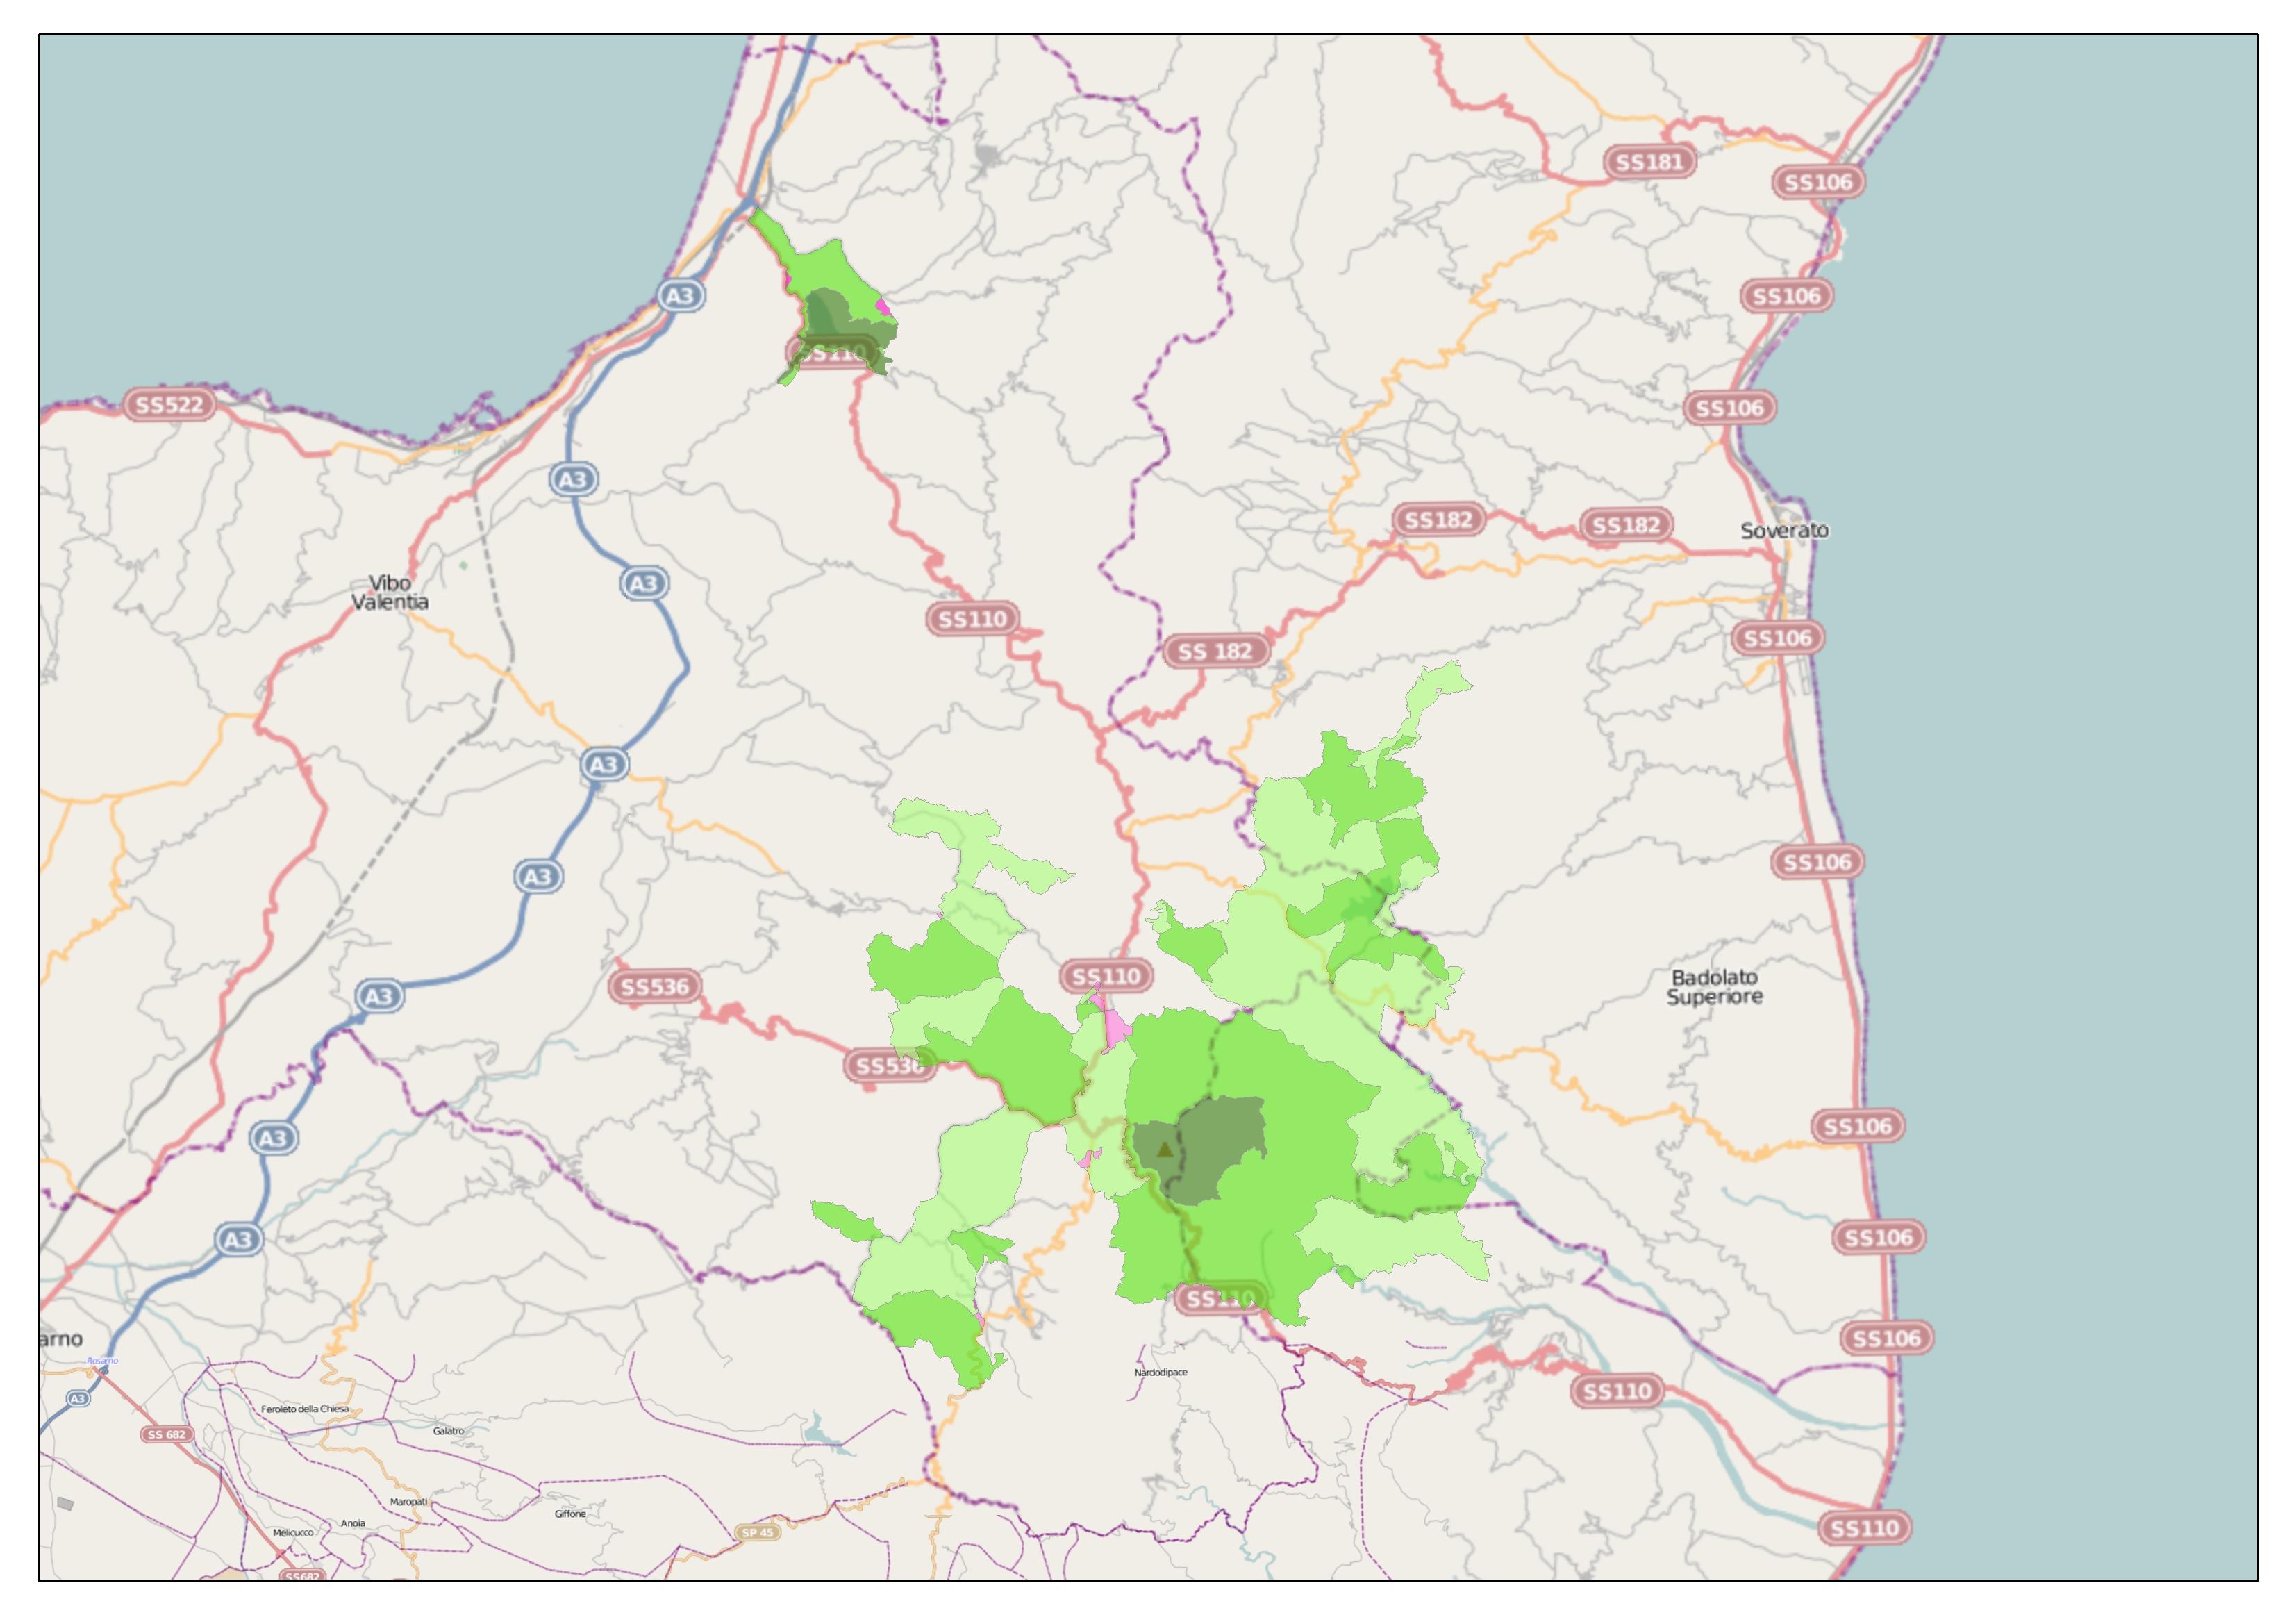 Parco delle serre rci v2012 1 mappa